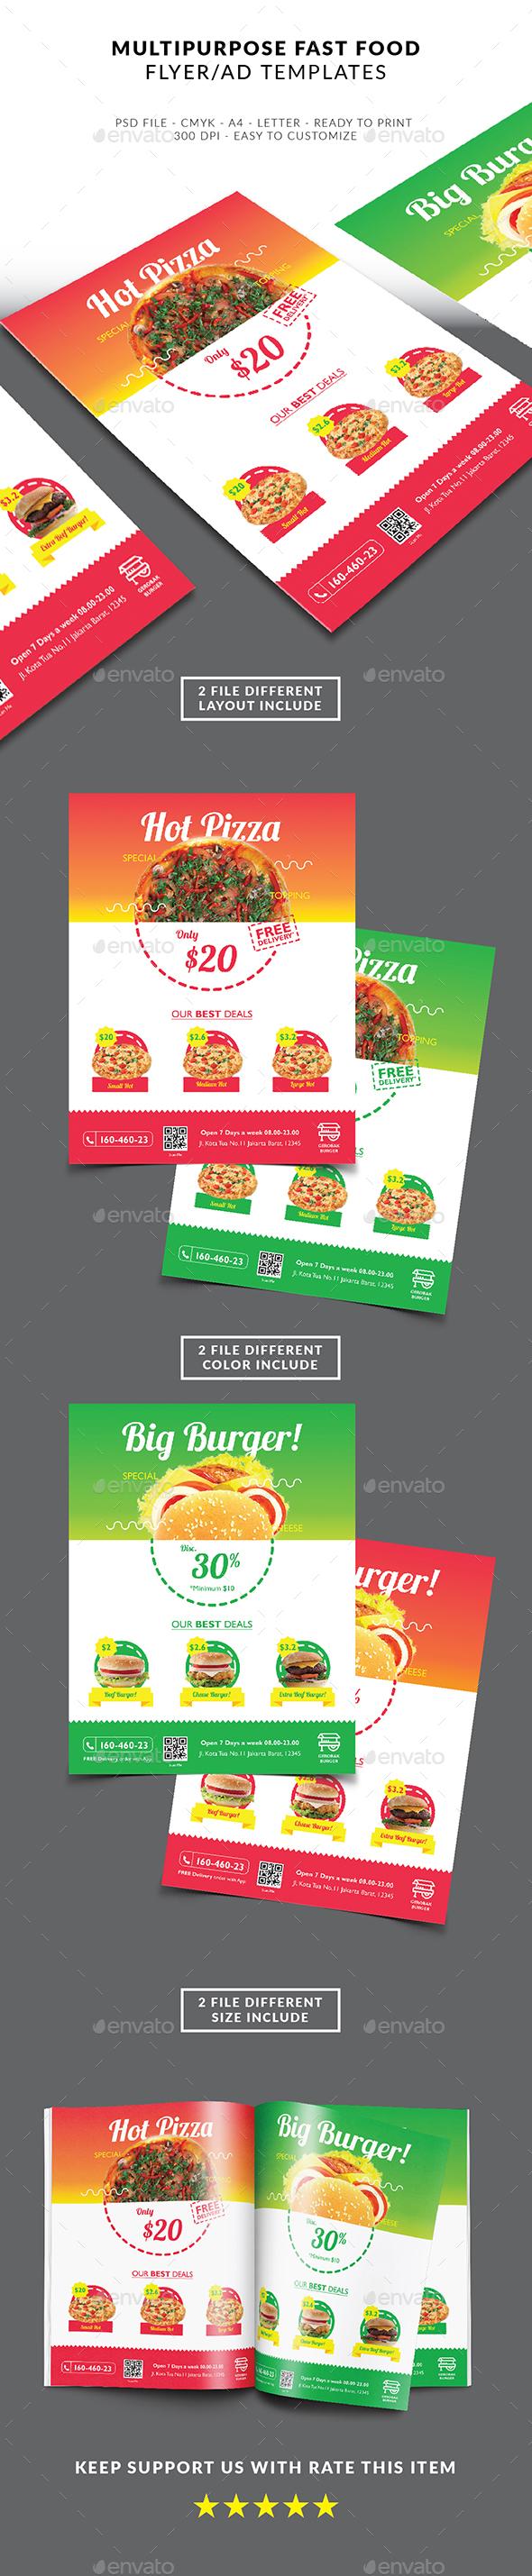 Multipurpose Fast Food Flyer